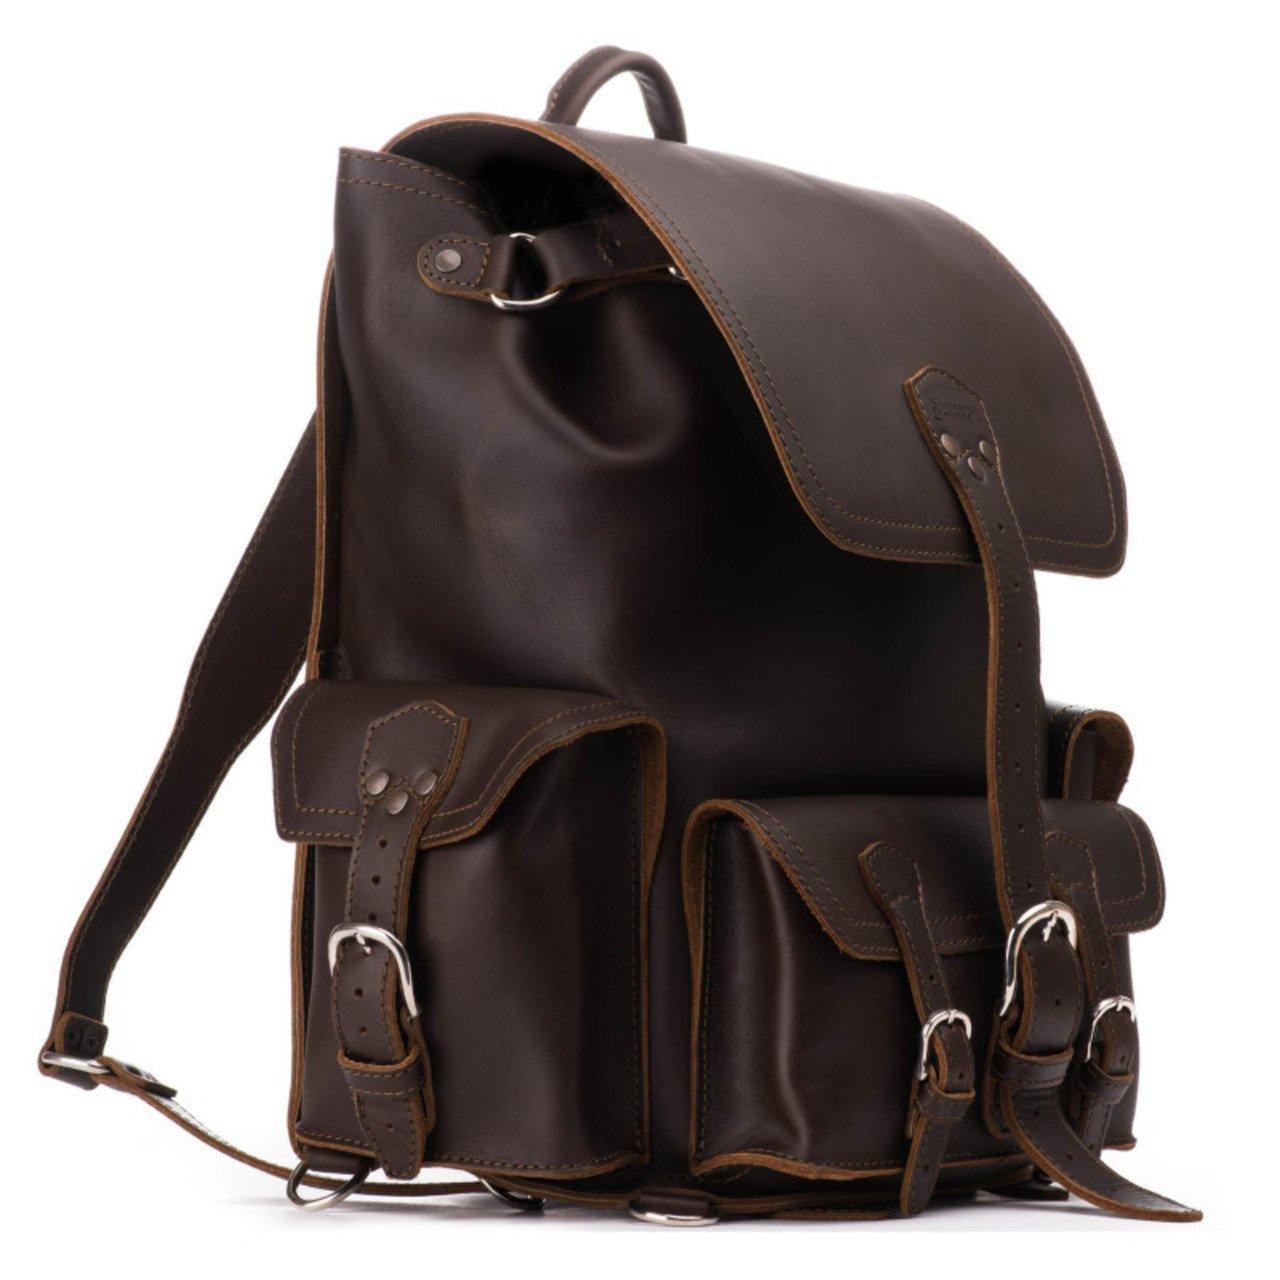 Saddleback Leather Front Pocket Backpack – Best For School, Business or Travel